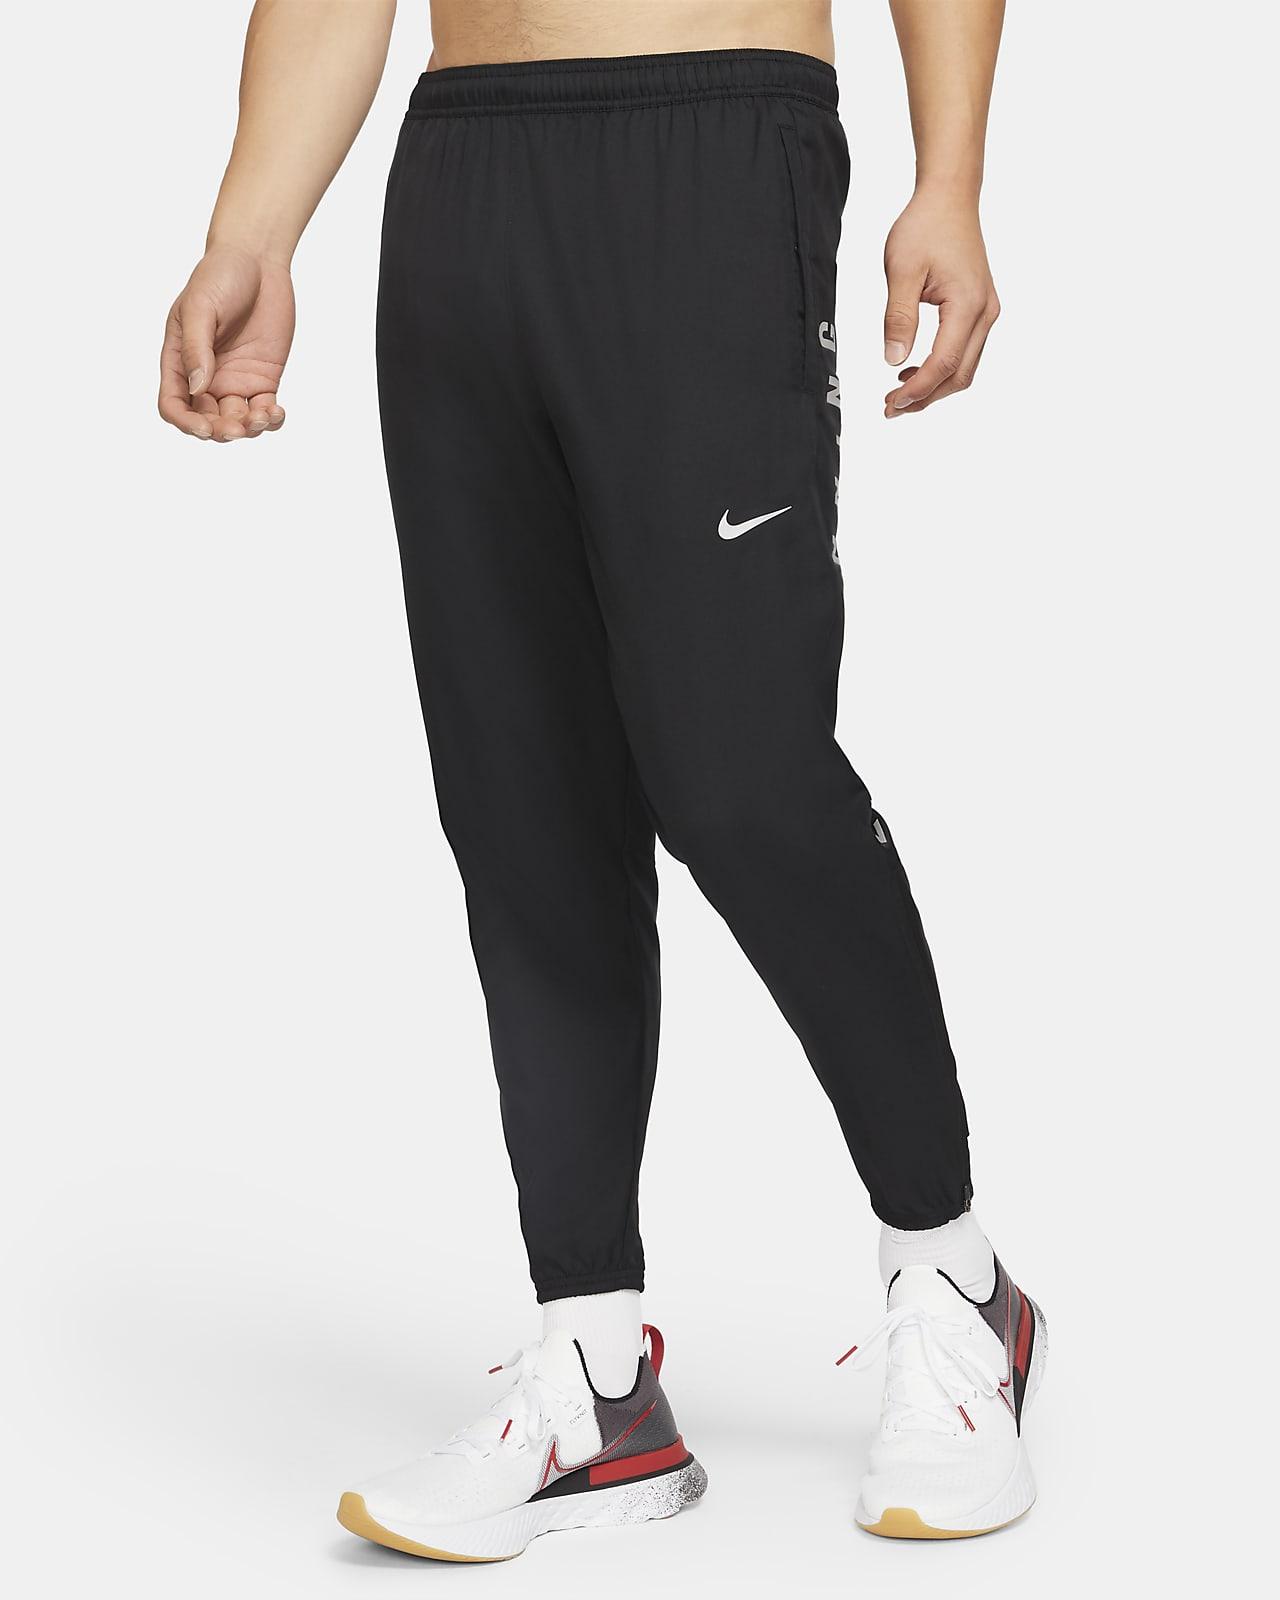 Pánské tkané běžecké kalhoty Nike Essential Run Division